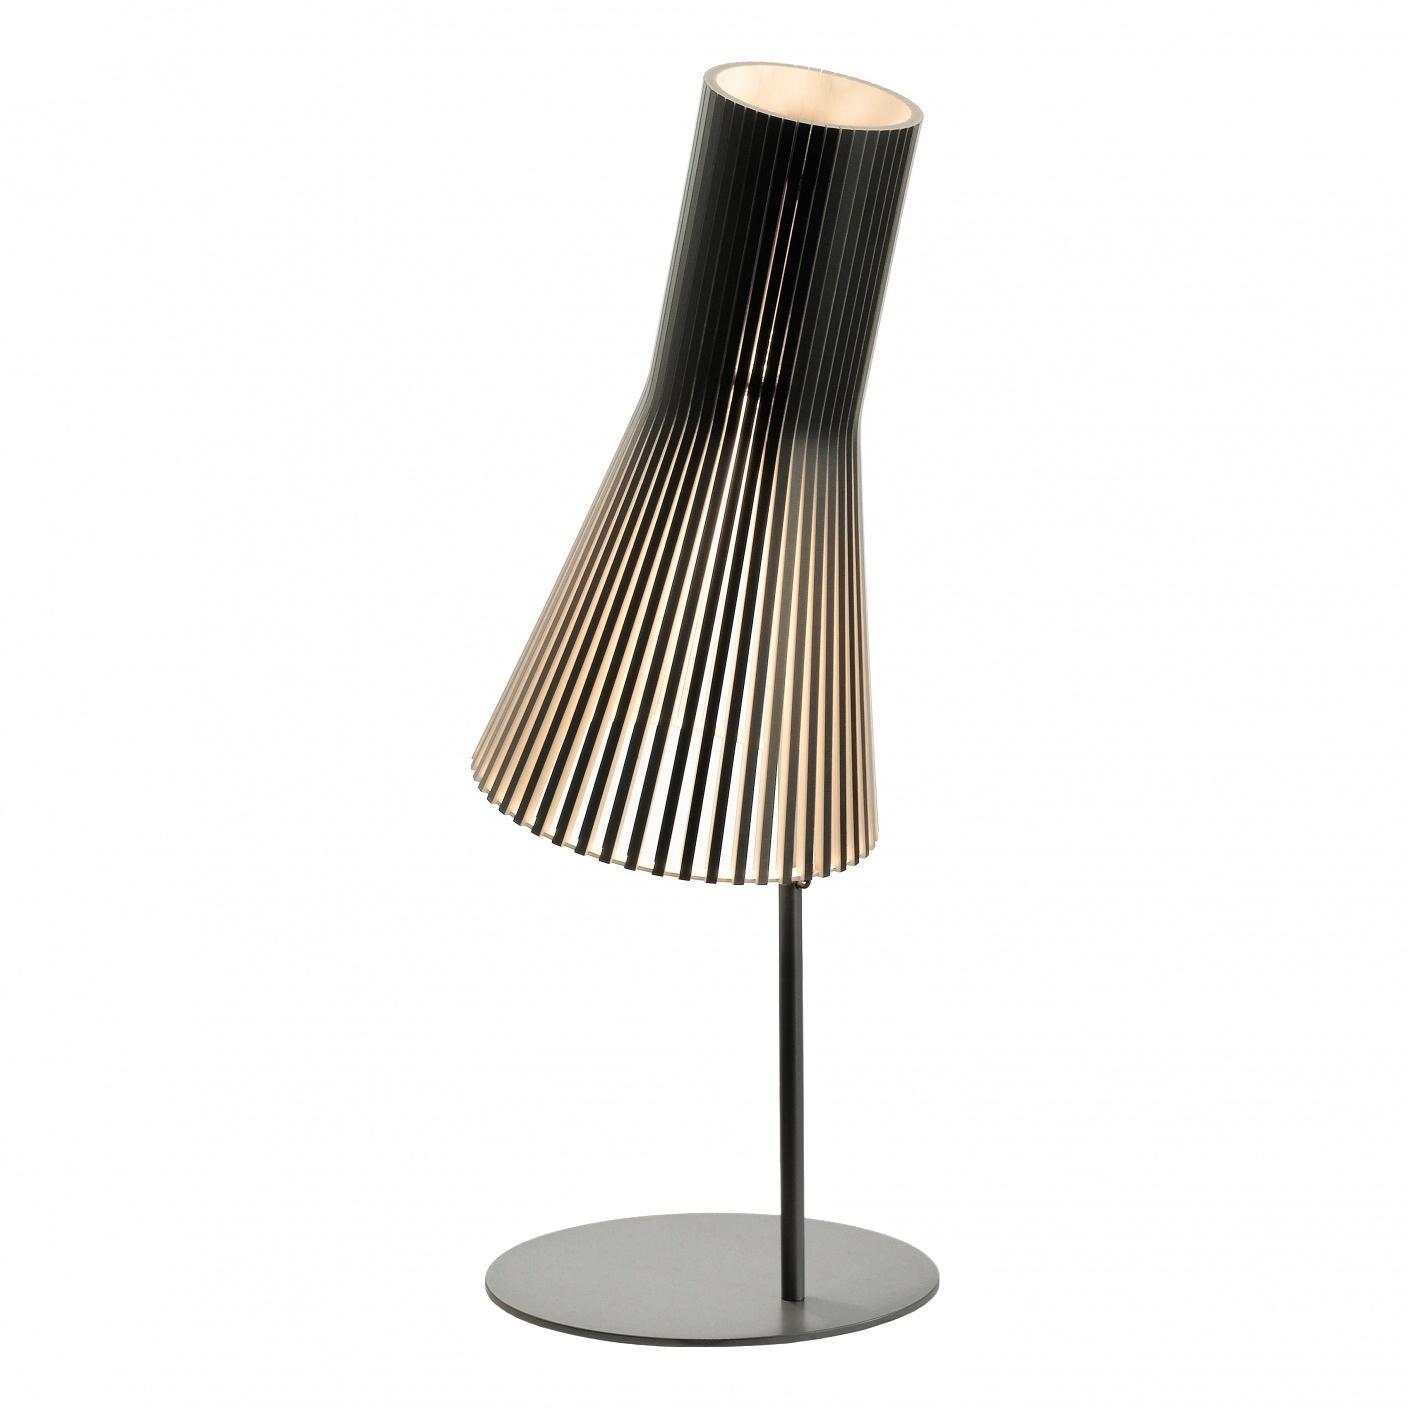 Secto Design - Secto 4220 - Lampe de Table - noir/laminé/incl. ampoule LED 2800K/1055lm/câble noir/support noir